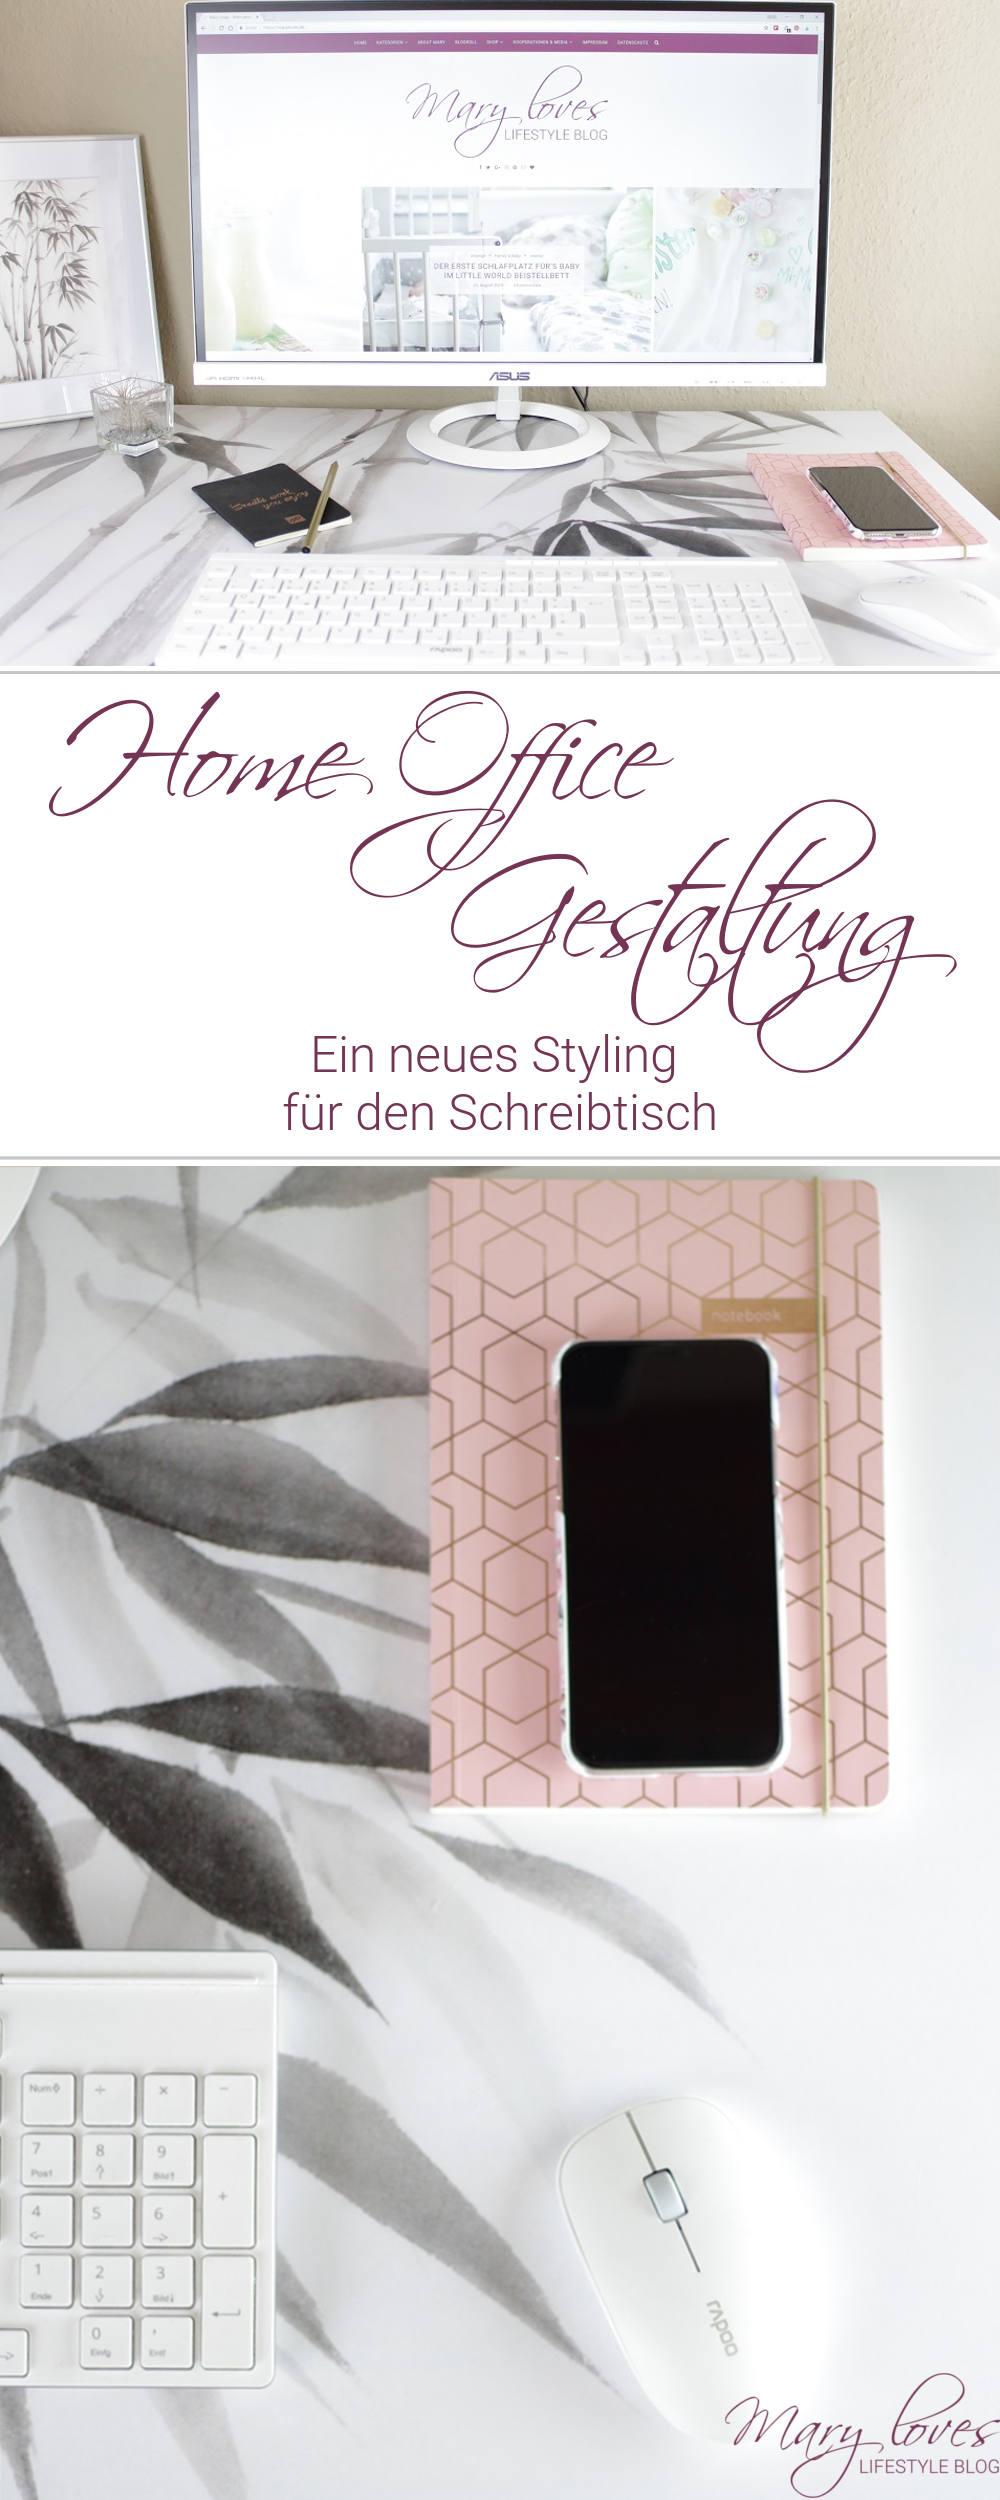 [Anzeige] Projekt Home Office - Ein neues Styling für meinen Schreibtisch - #homeoffice #heimbüro #schreibtisch #pixers #klebefolie #umgestaltung #büro #office #blogging